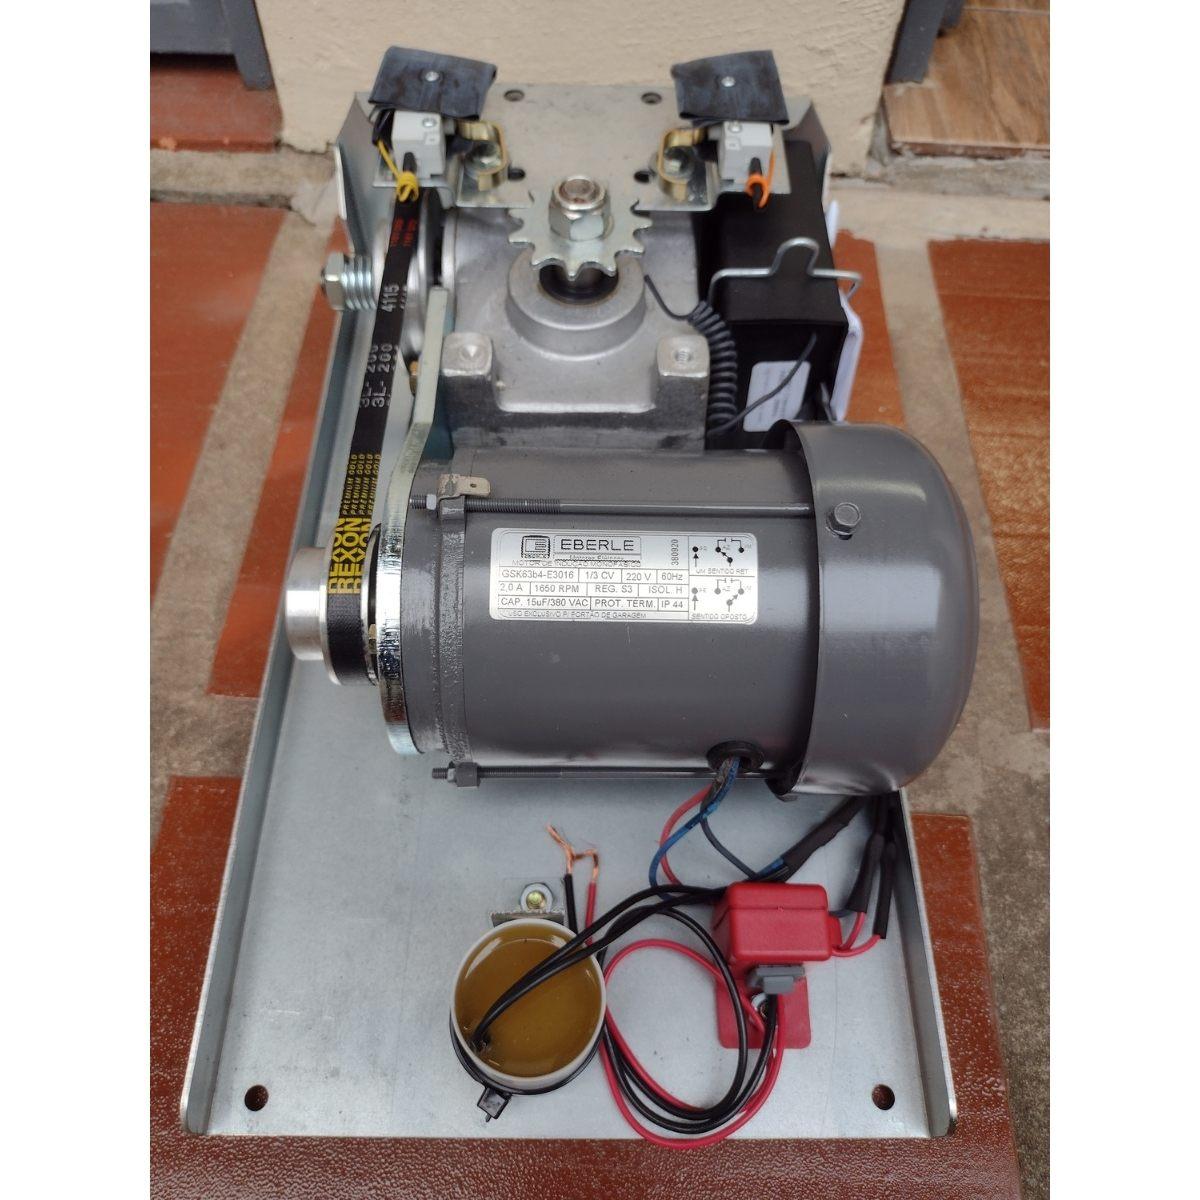 Motor Movimento Basculante 1/3 CV Bm10 com Calha de 2,50mts Brinde 2 Controles